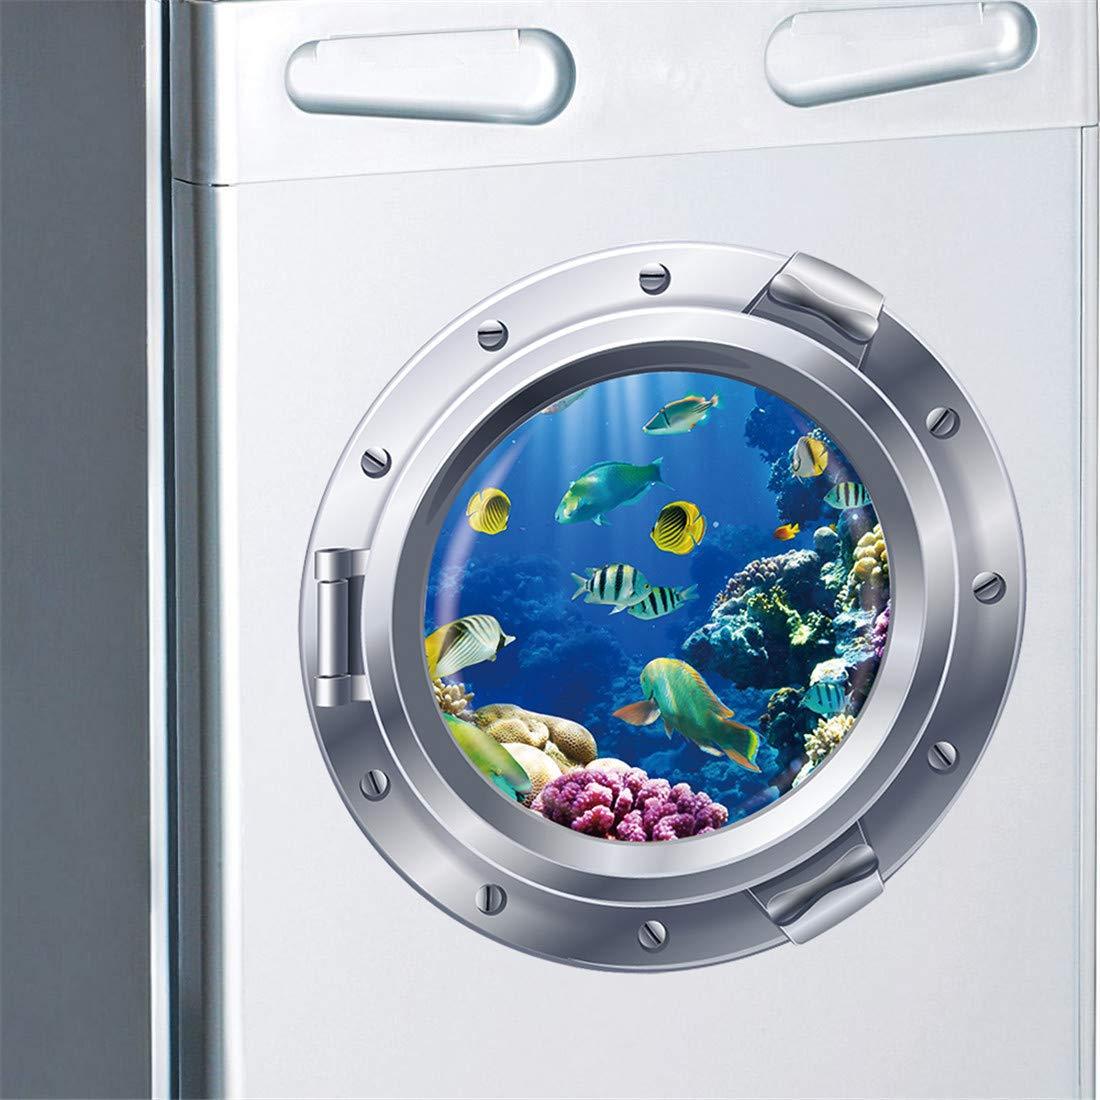 Habitaciones, refrigeradores, lavadoras, fondos marinos ...